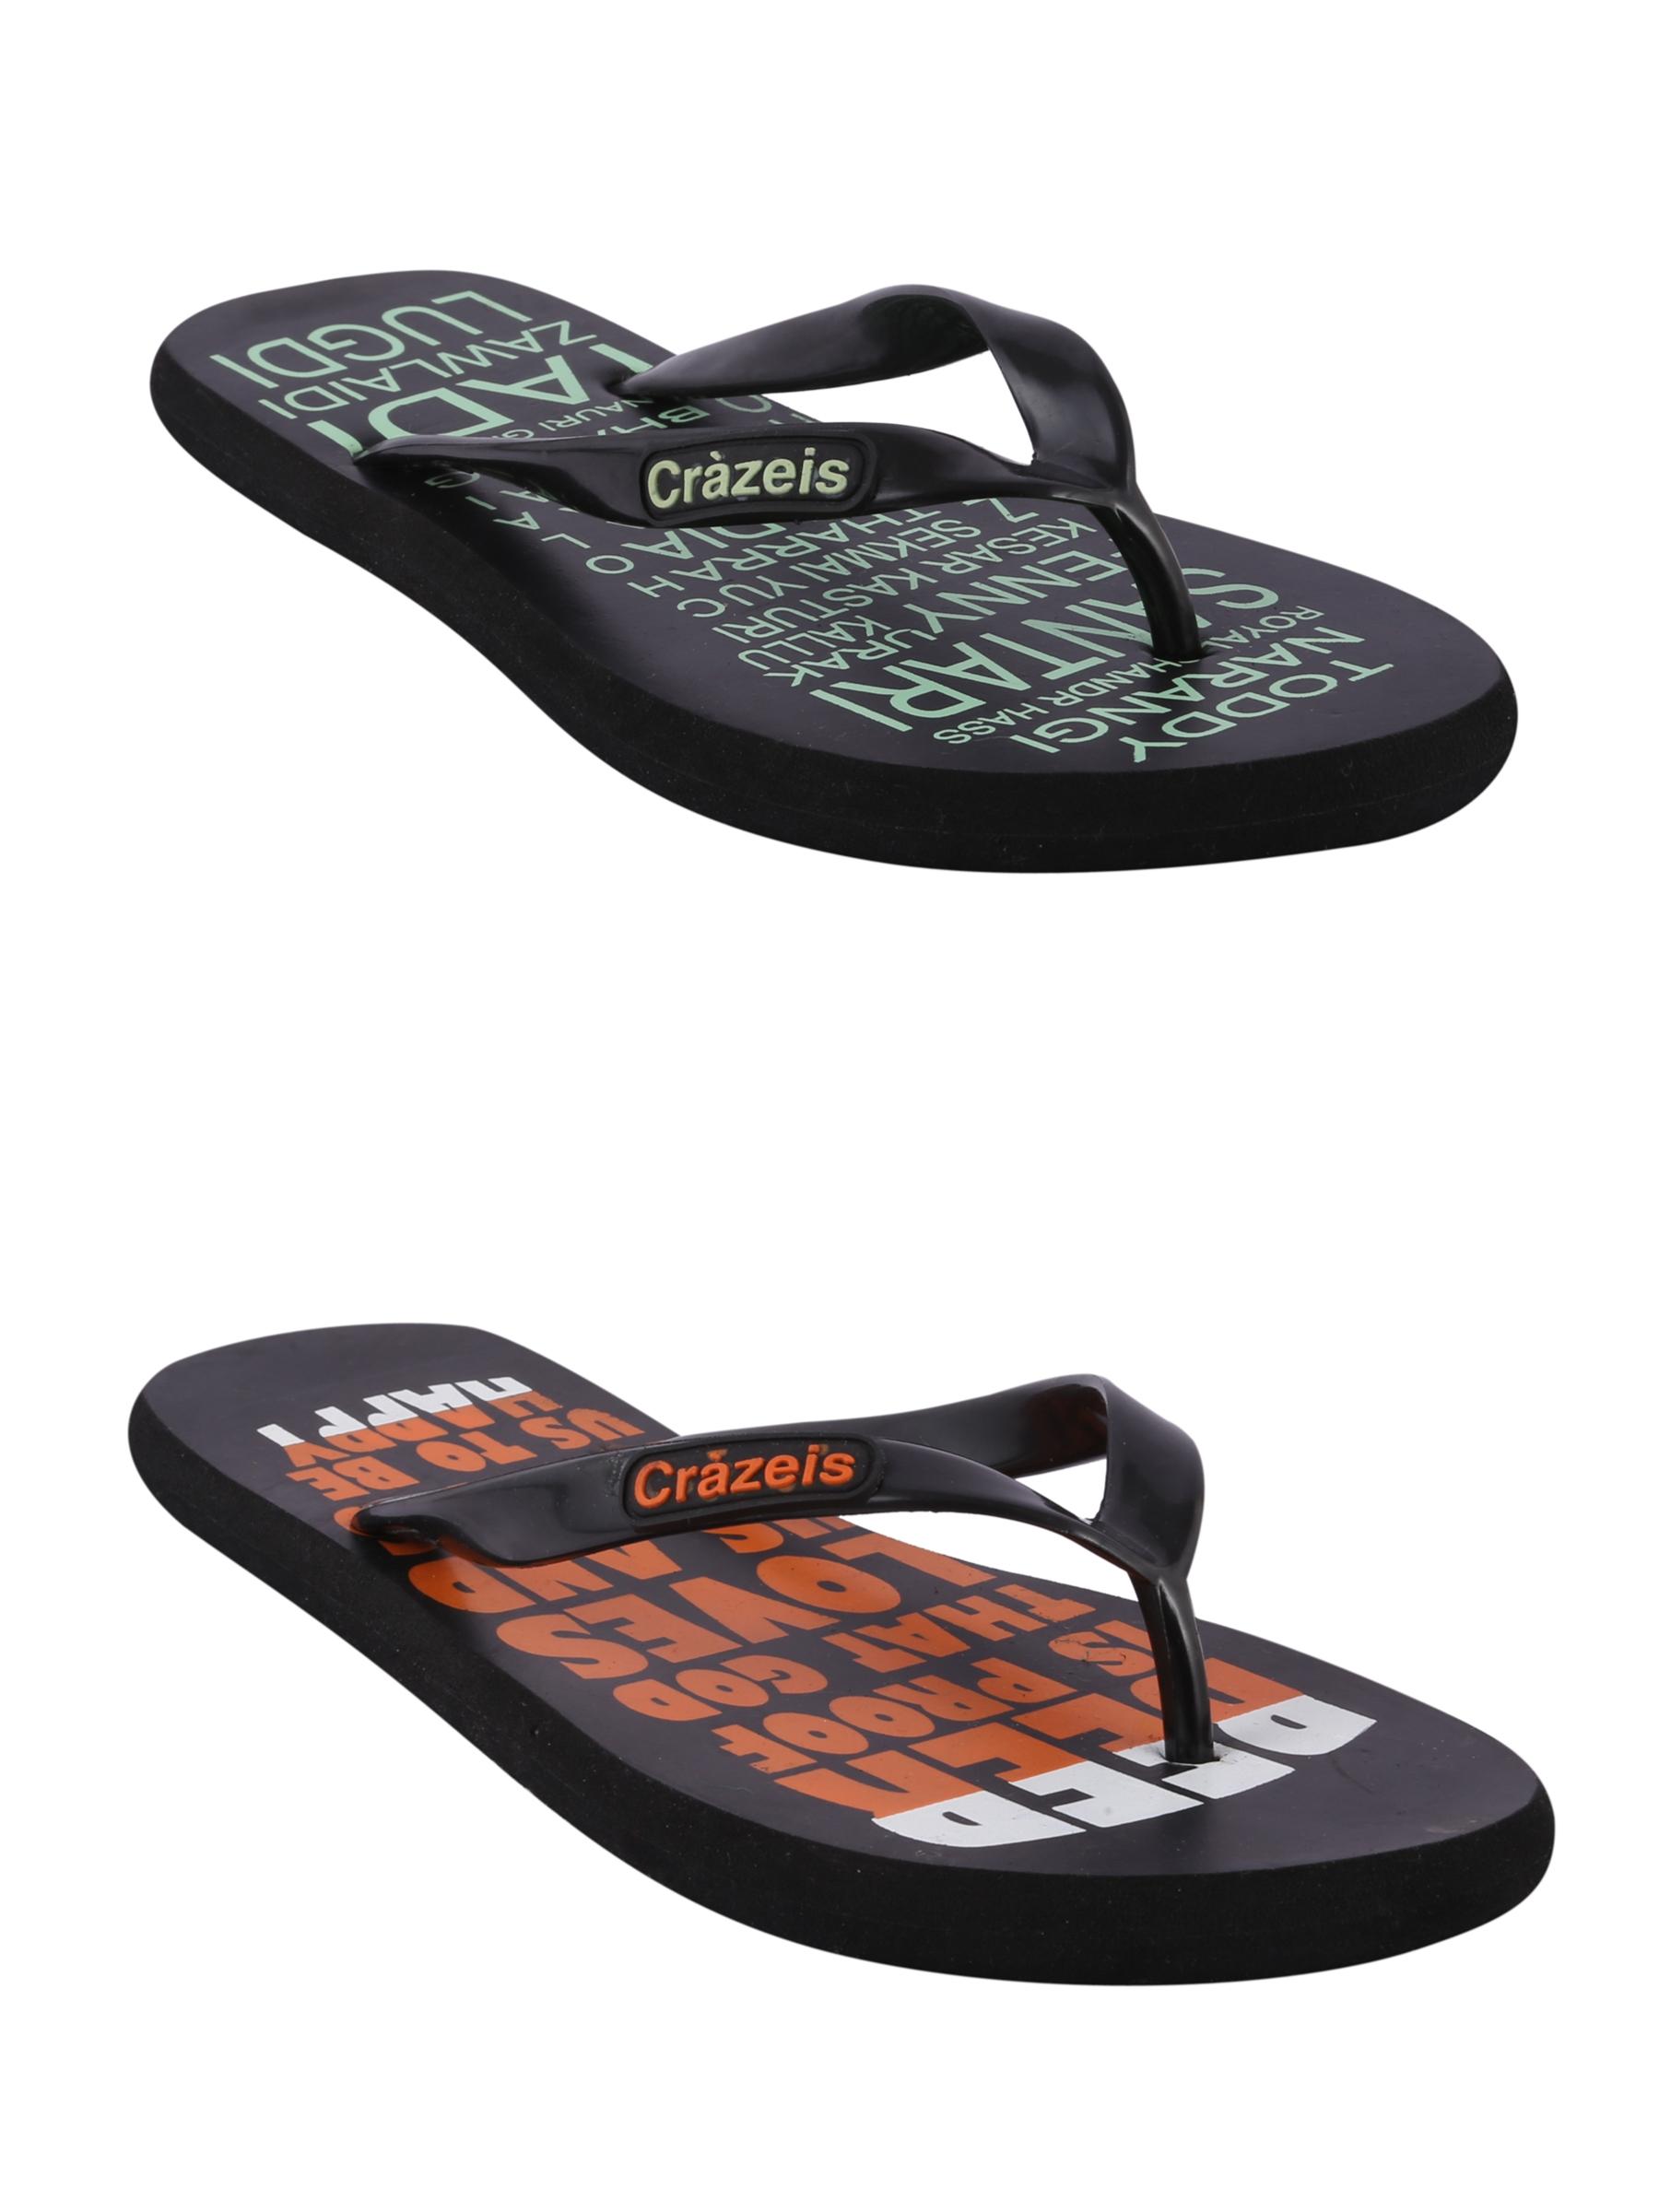 crazeis2 Crazeis Flip-flops Pack Of 2 For Men-024